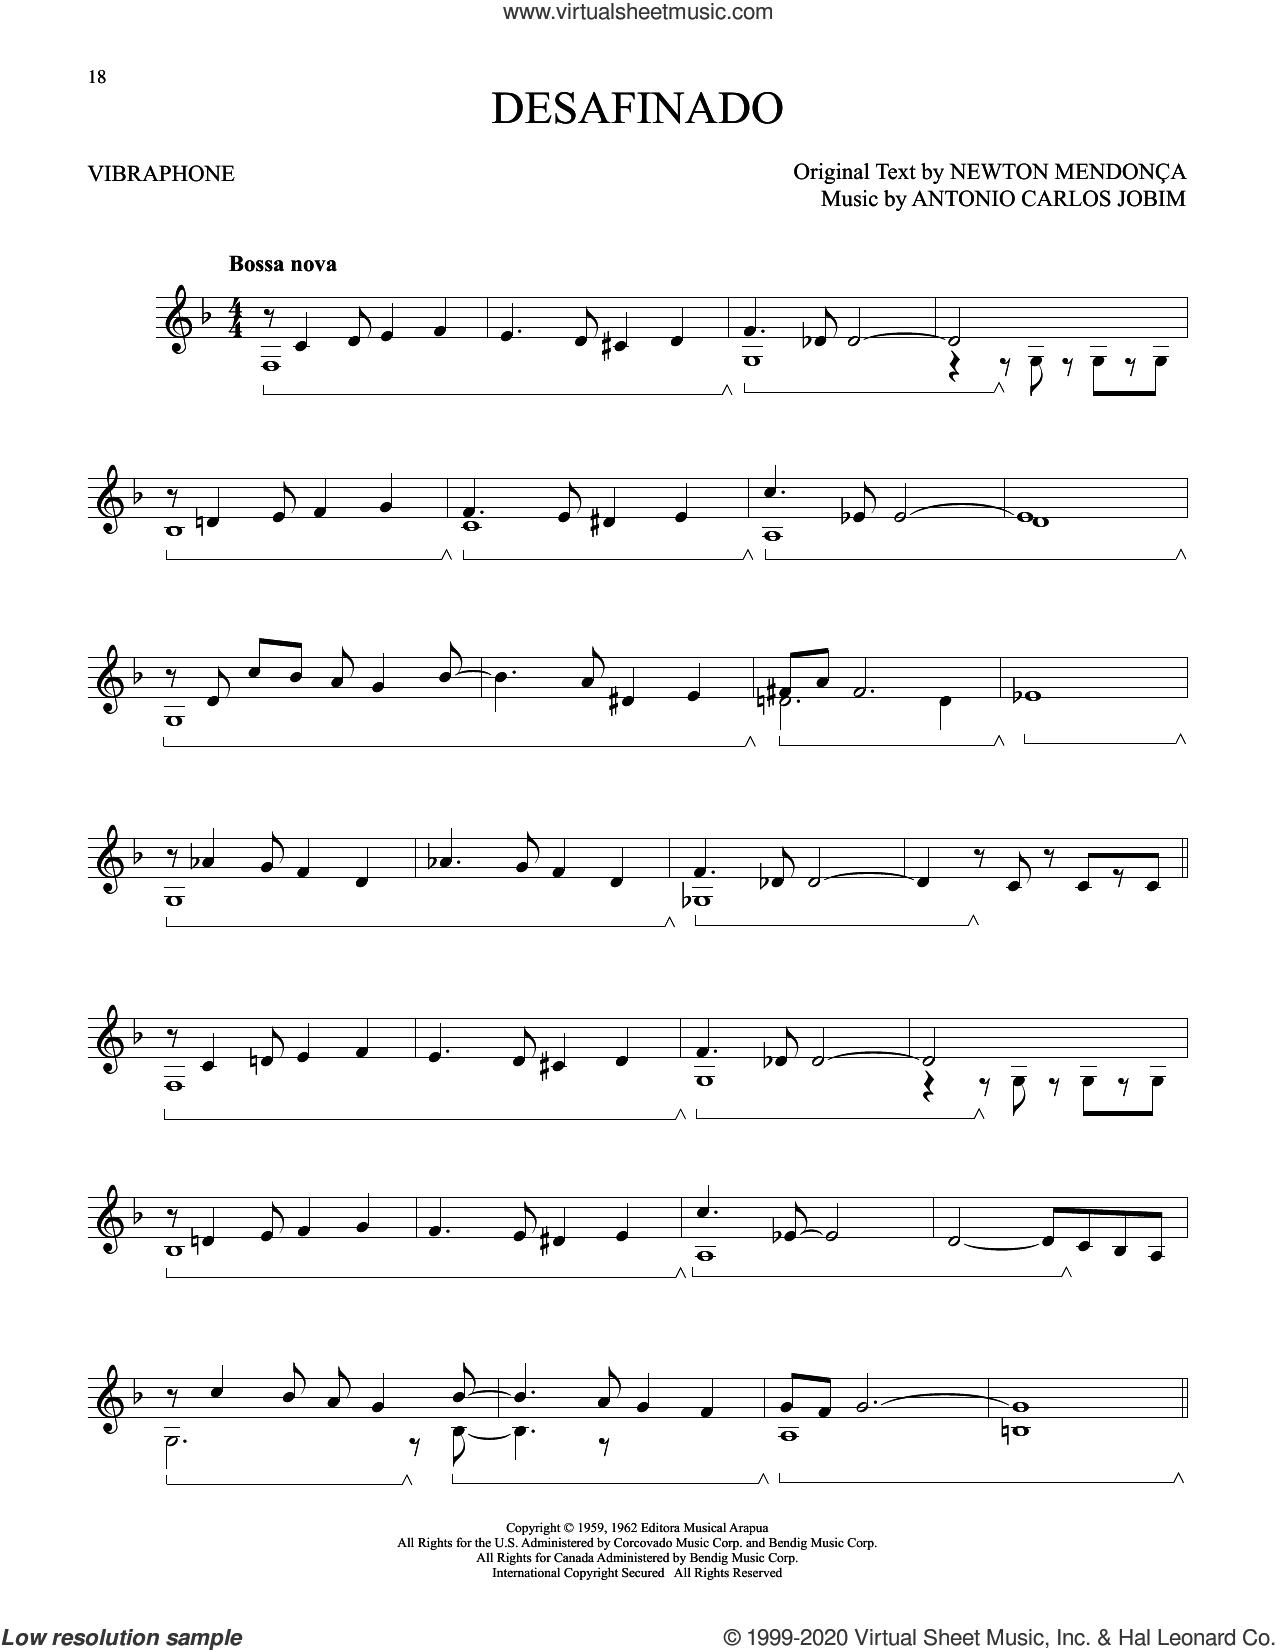 Desafinado sheet music for Vibraphone Solo by Antonio Carlos Jobim and Newton Mendonça, intermediate skill level